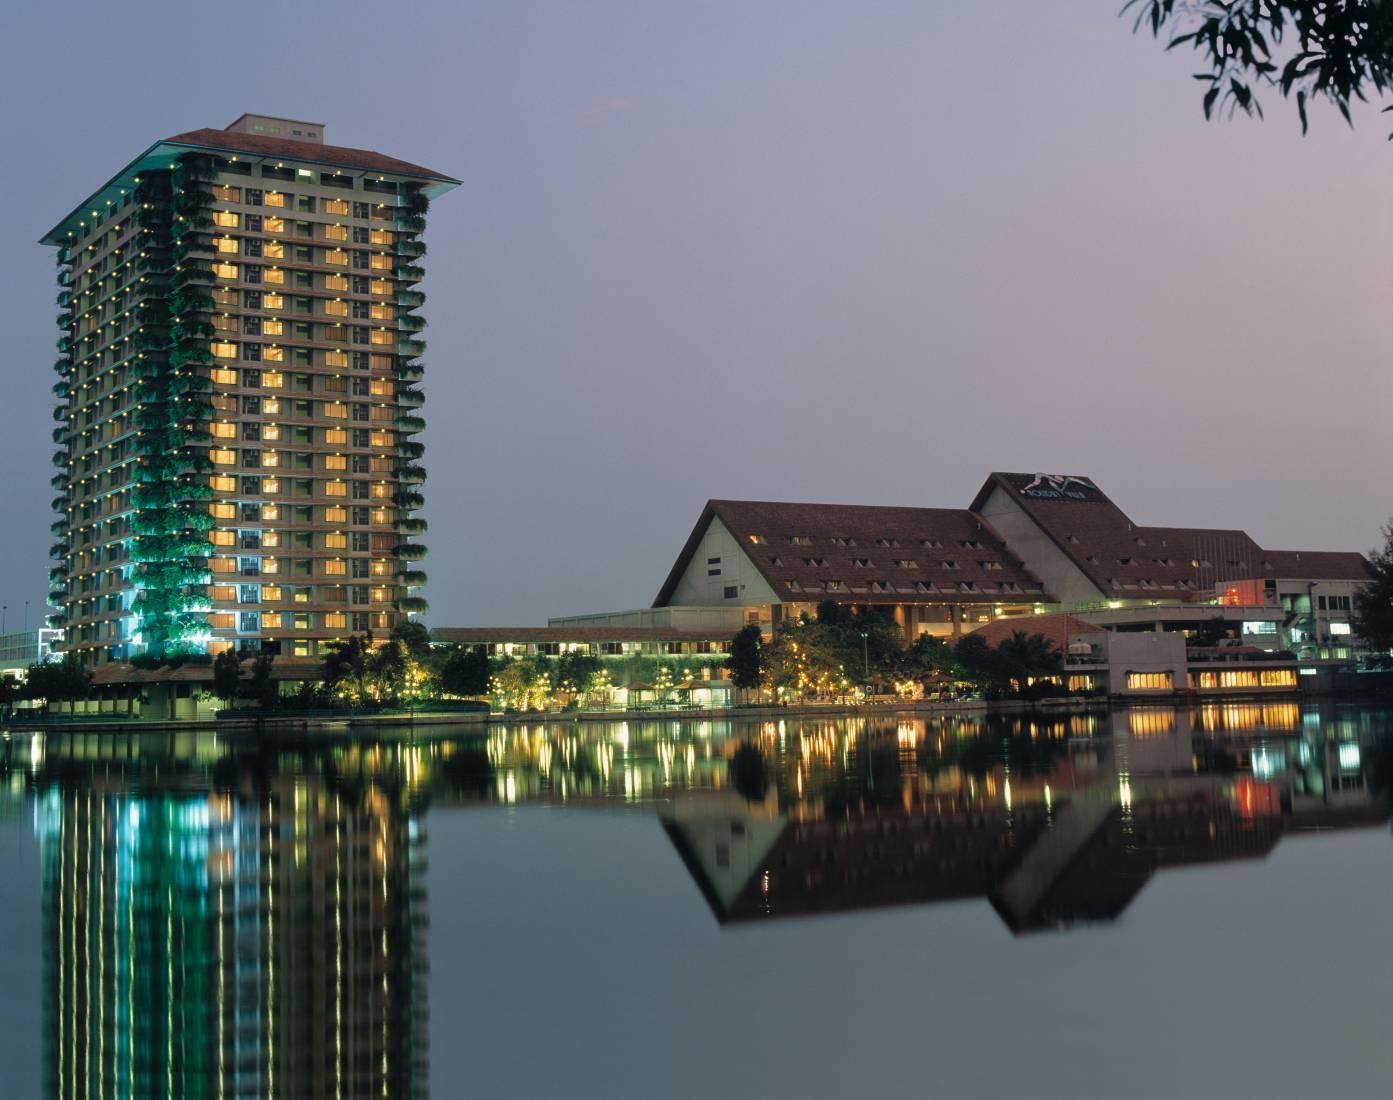 Holiday Villa Hotel Conference Centre Subang Selangor